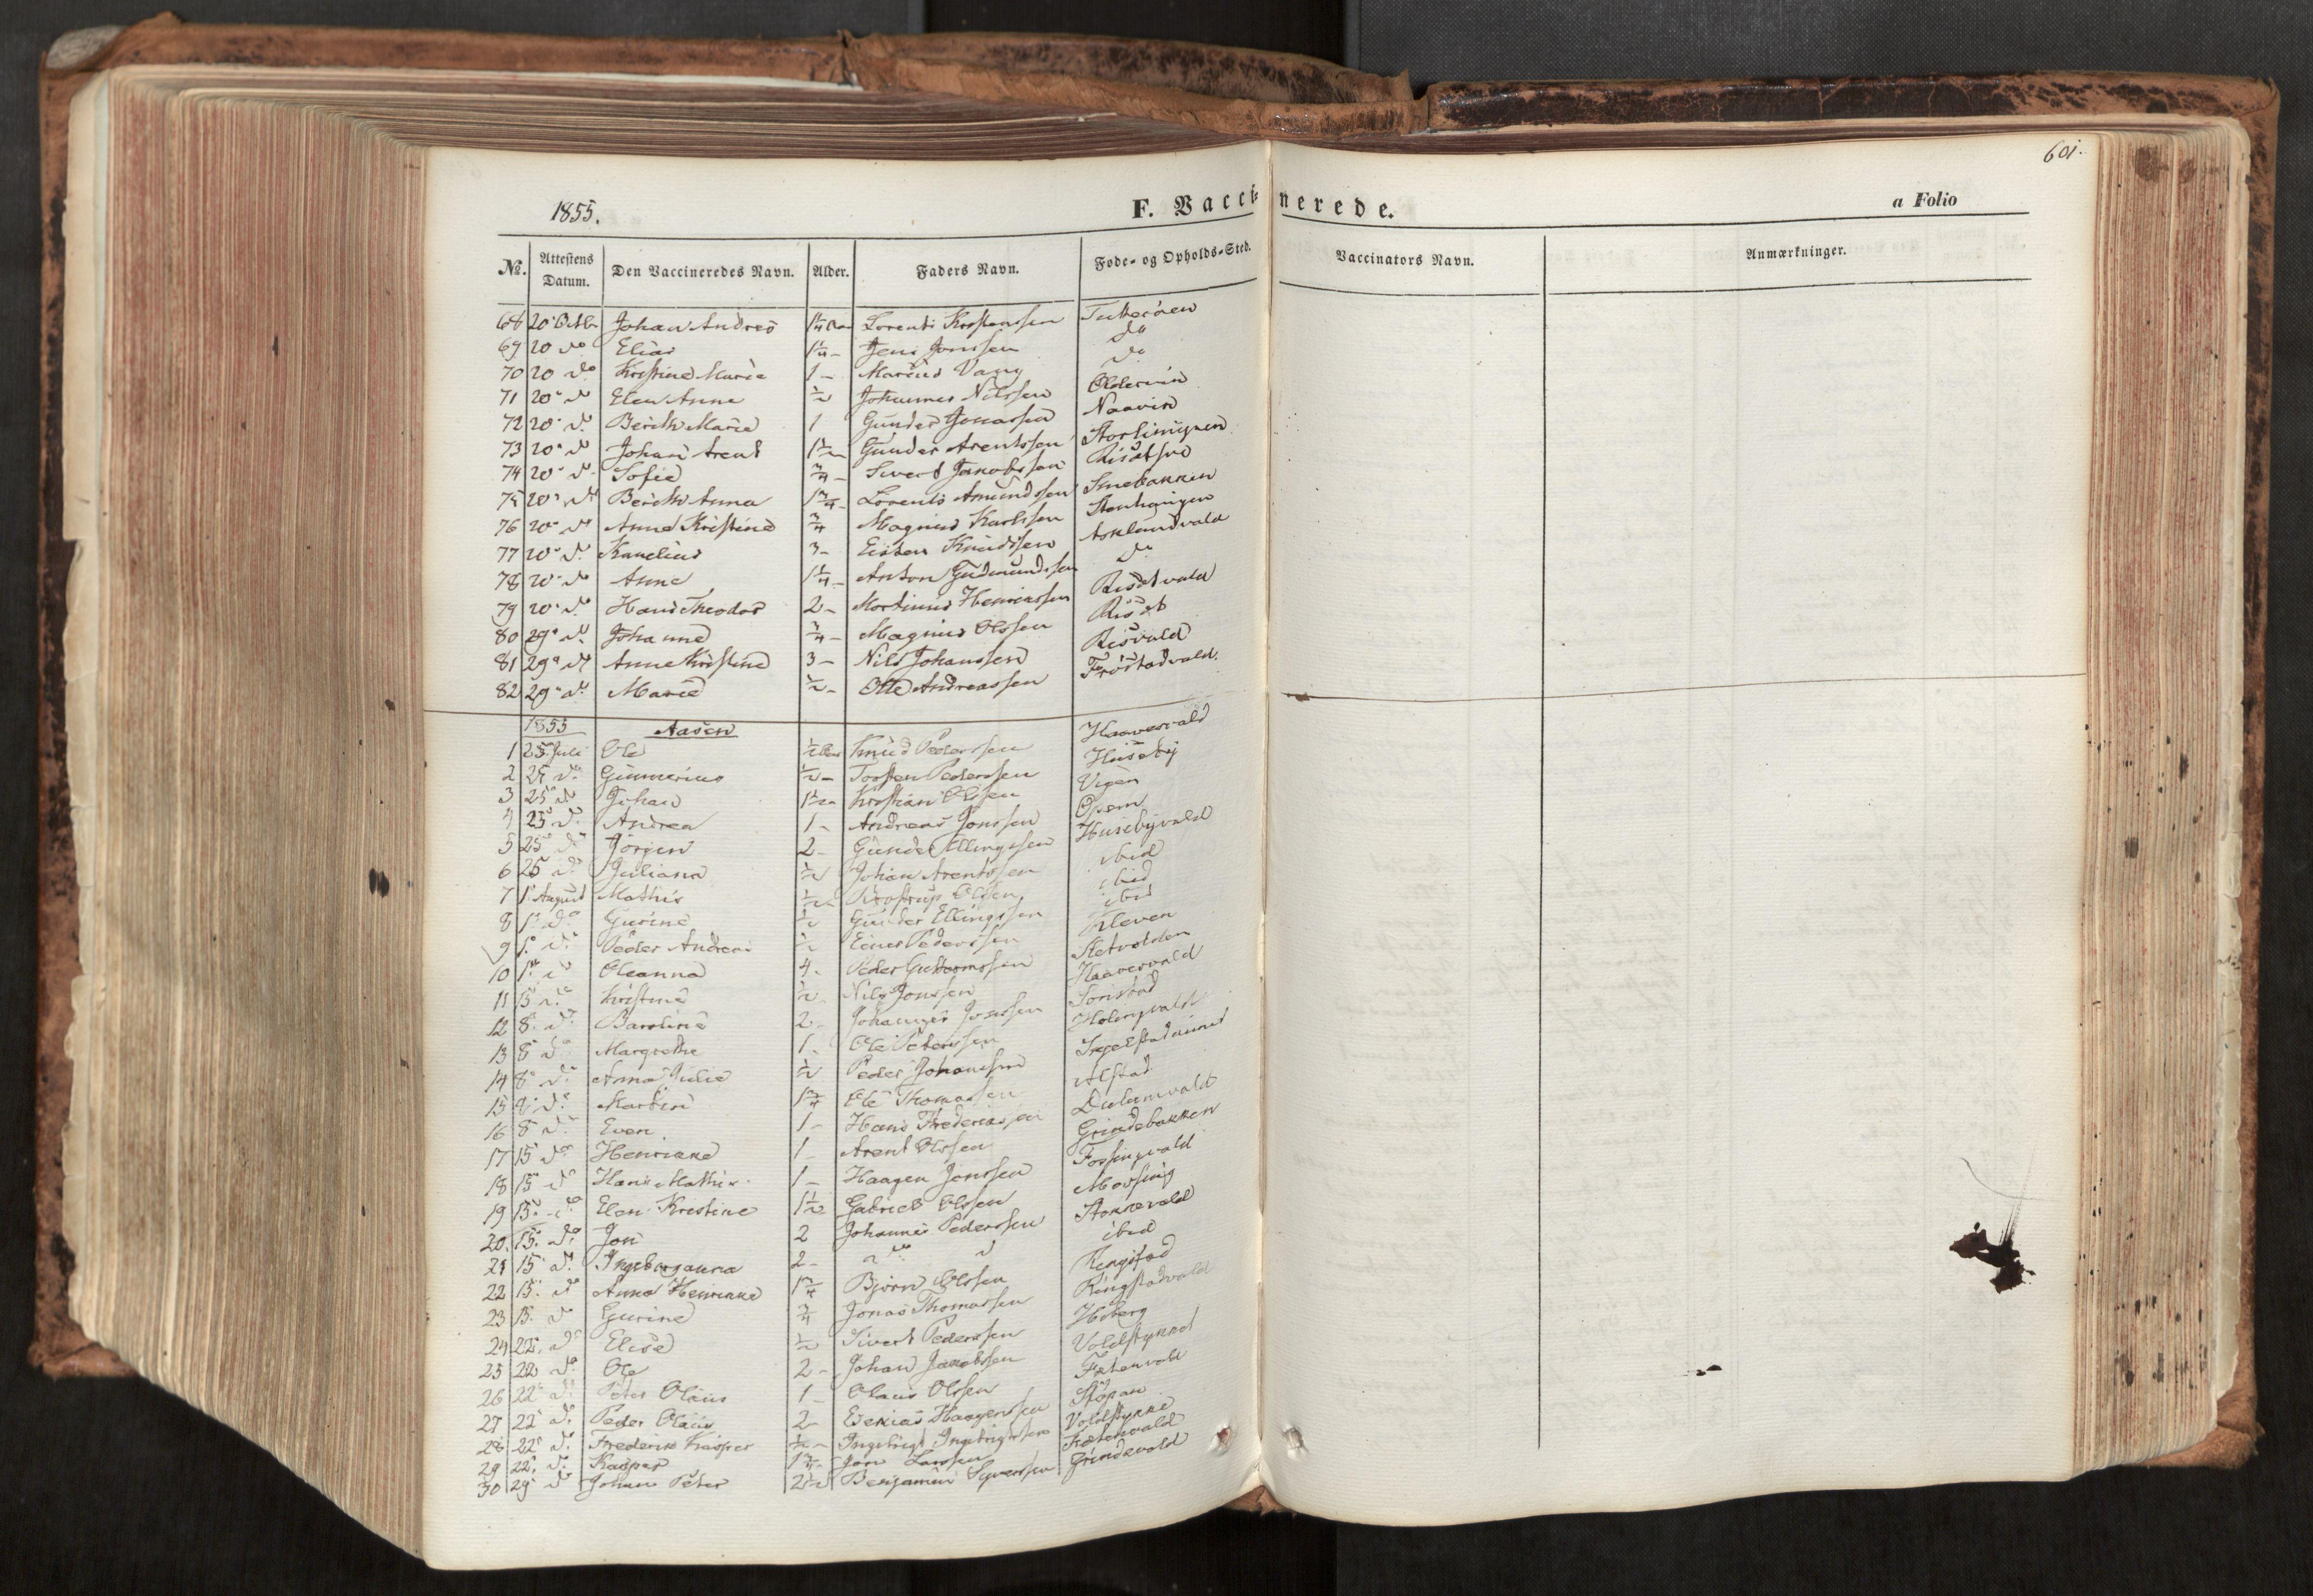 SAT, Ministerialprotokoller, klokkerbøker og fødselsregistre - Nord-Trøndelag, 713/L0116: Ministerialbok nr. 713A07, 1850-1877, s. 601